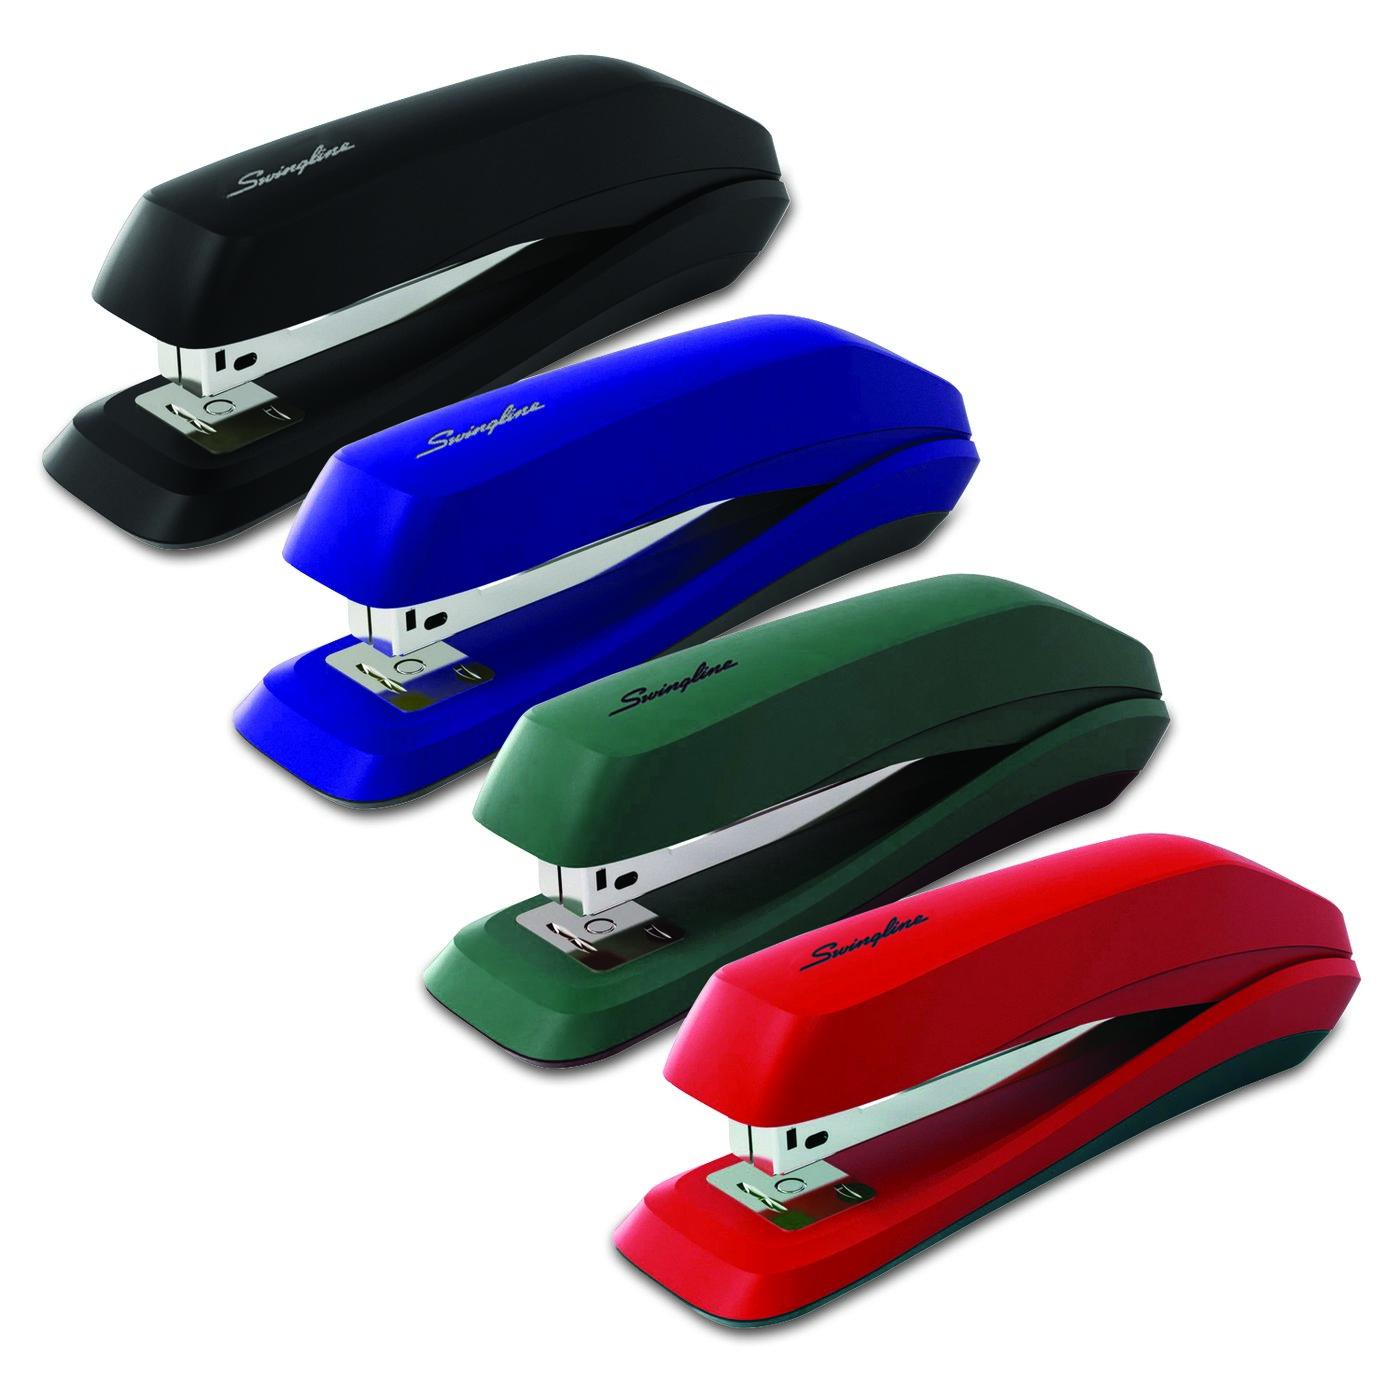 Small Office Design Swingline Staplers Desktop Staplers Full Size